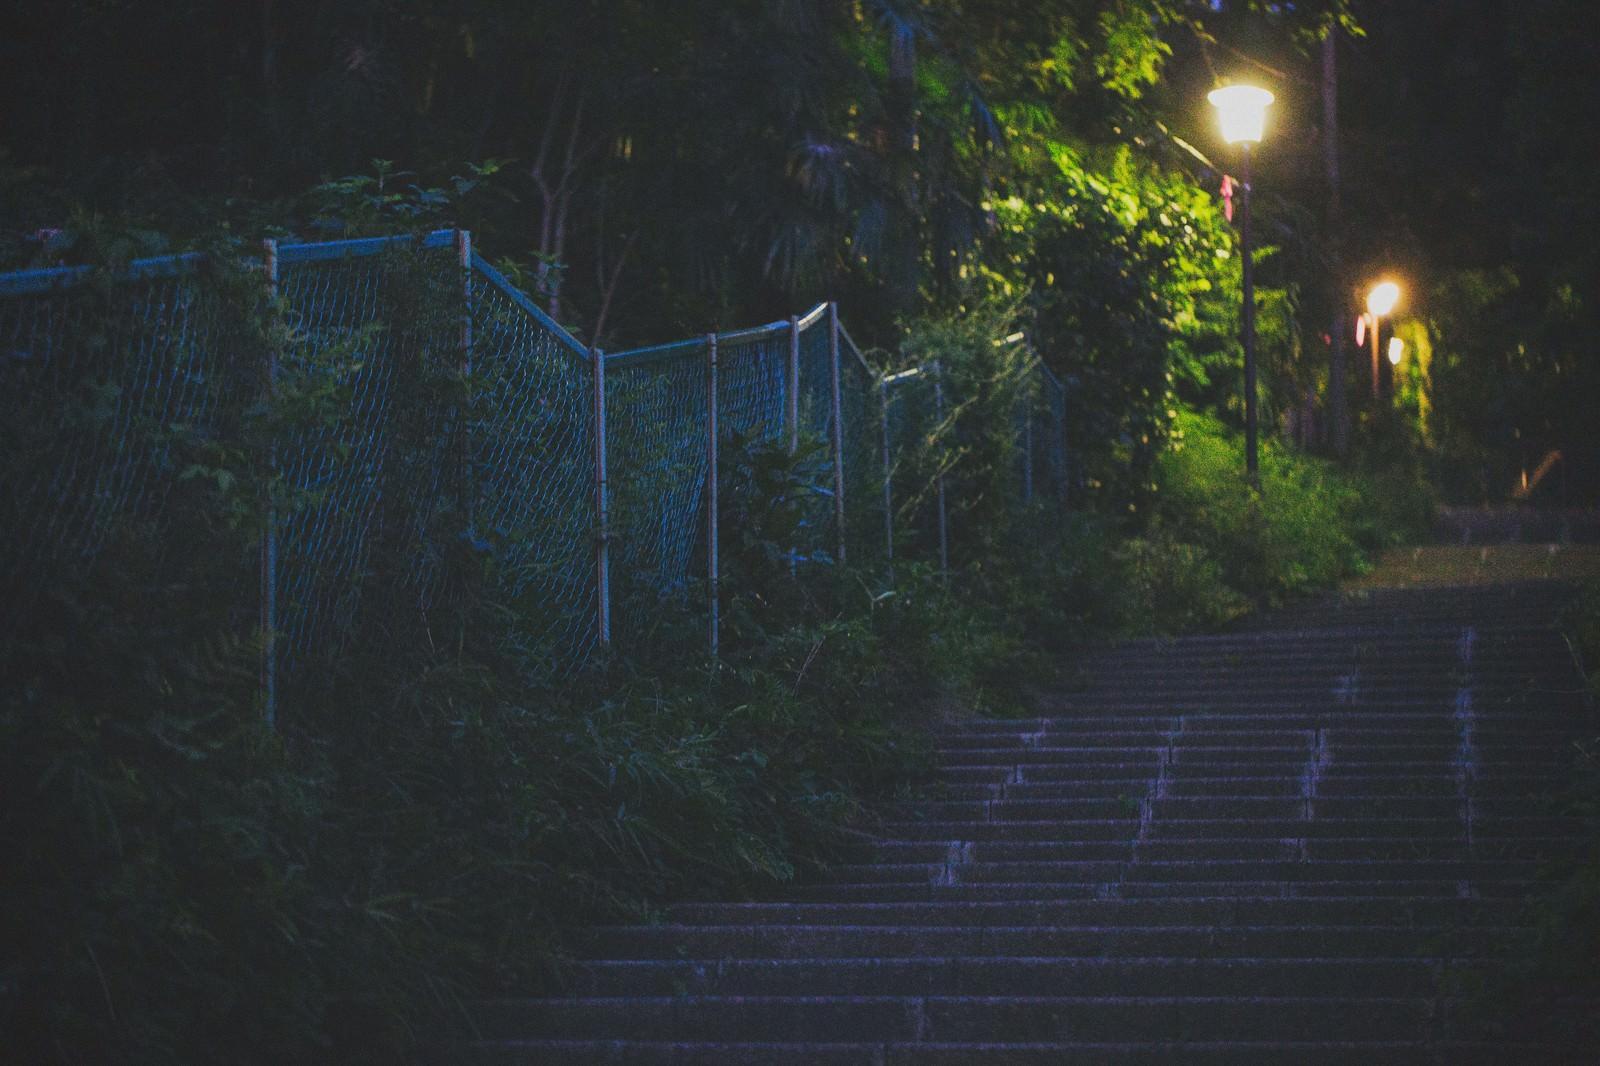 「暗い階段と街灯」の写真